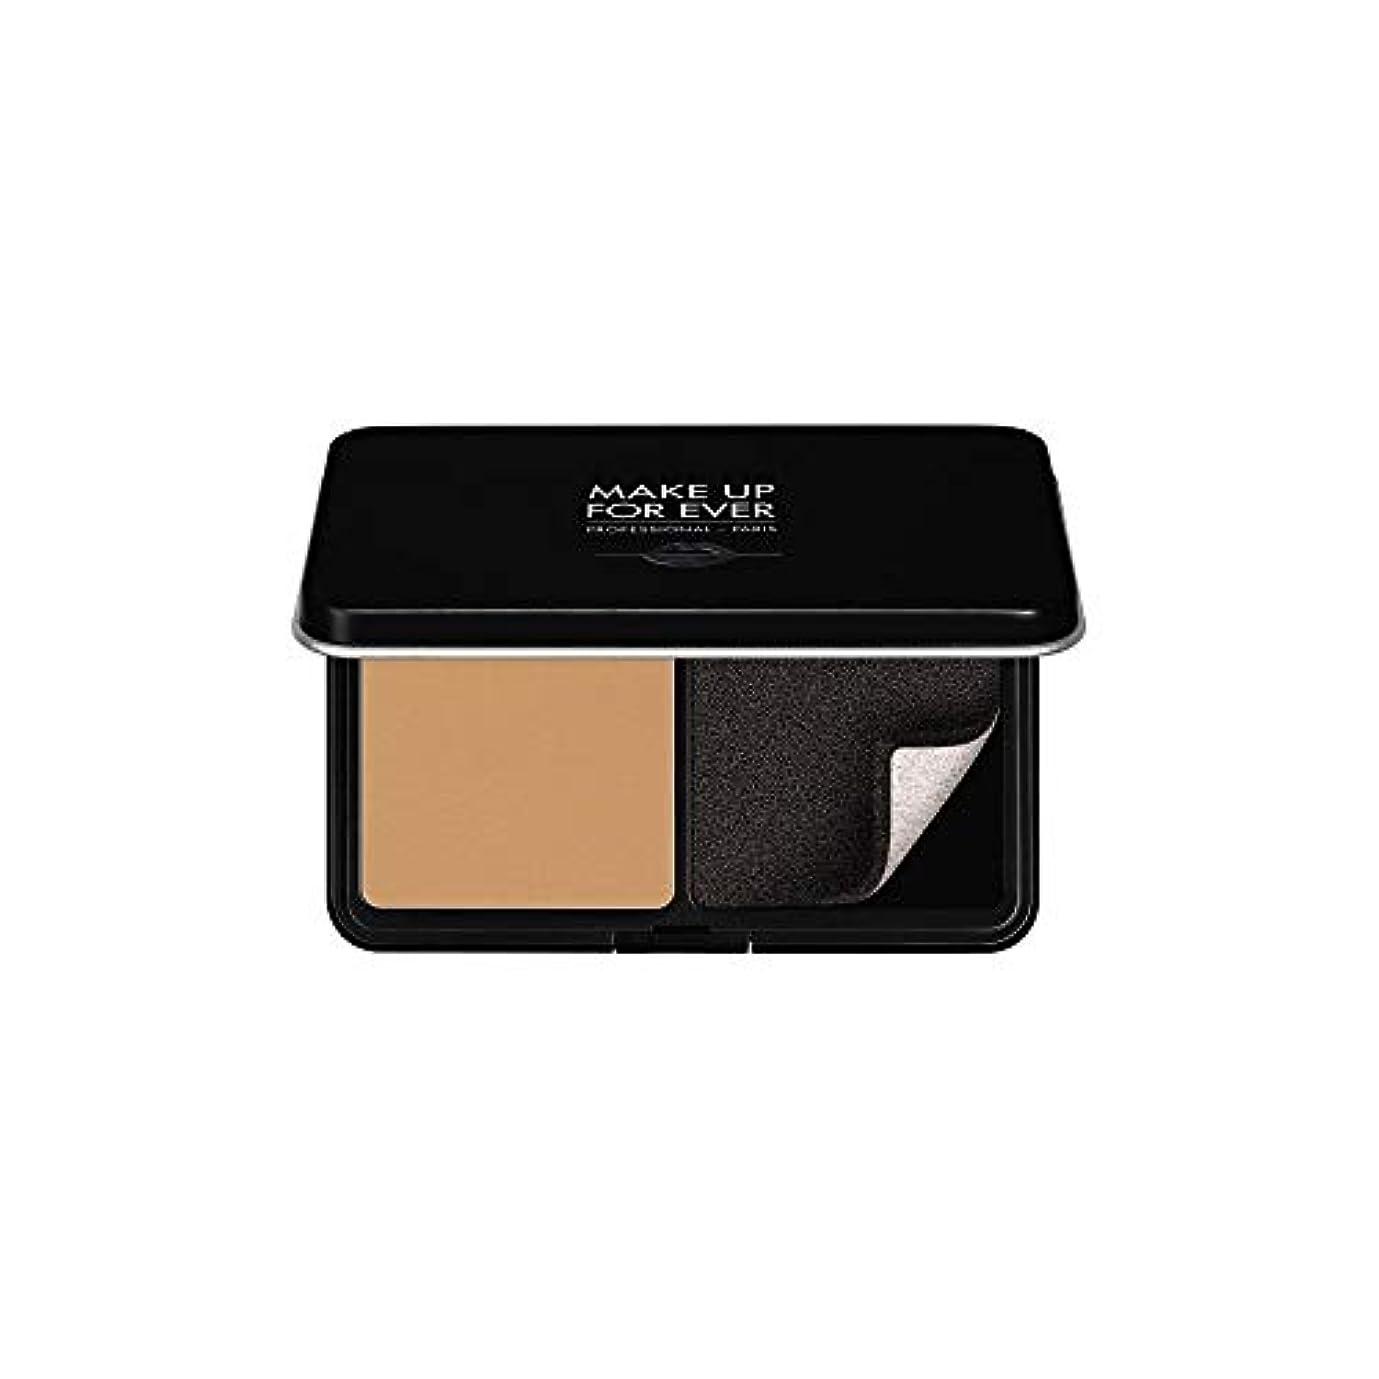 誠意詐欺師叱るメイクアップフォーエバー Matte Velvet Skin Blurring Powder Foundation - # Y365 (Desert) 11g/0.38oz並行輸入品